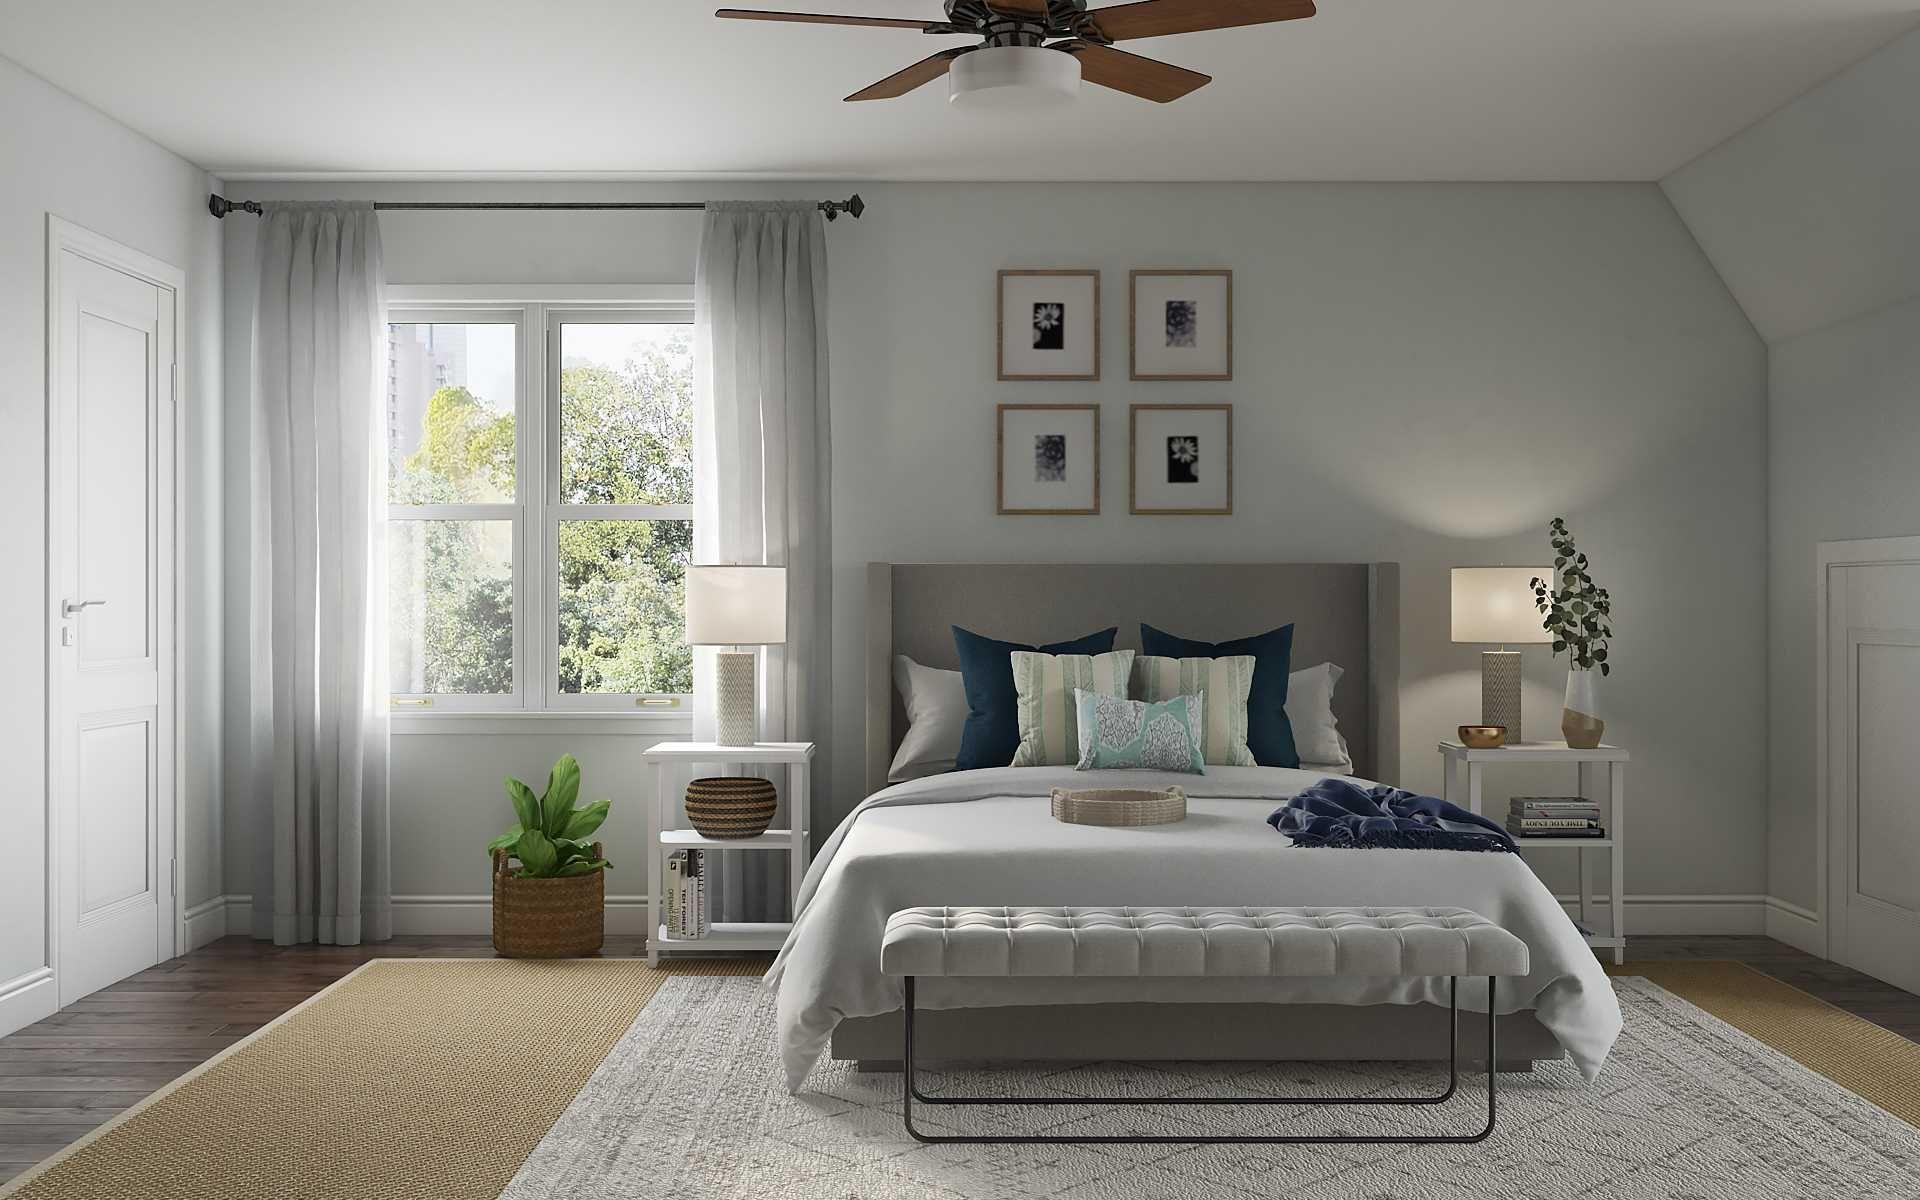 40 Best Bedroom Interior Design Ideas Havenly Modern Room Design Interior Design Bedroom Interior Design